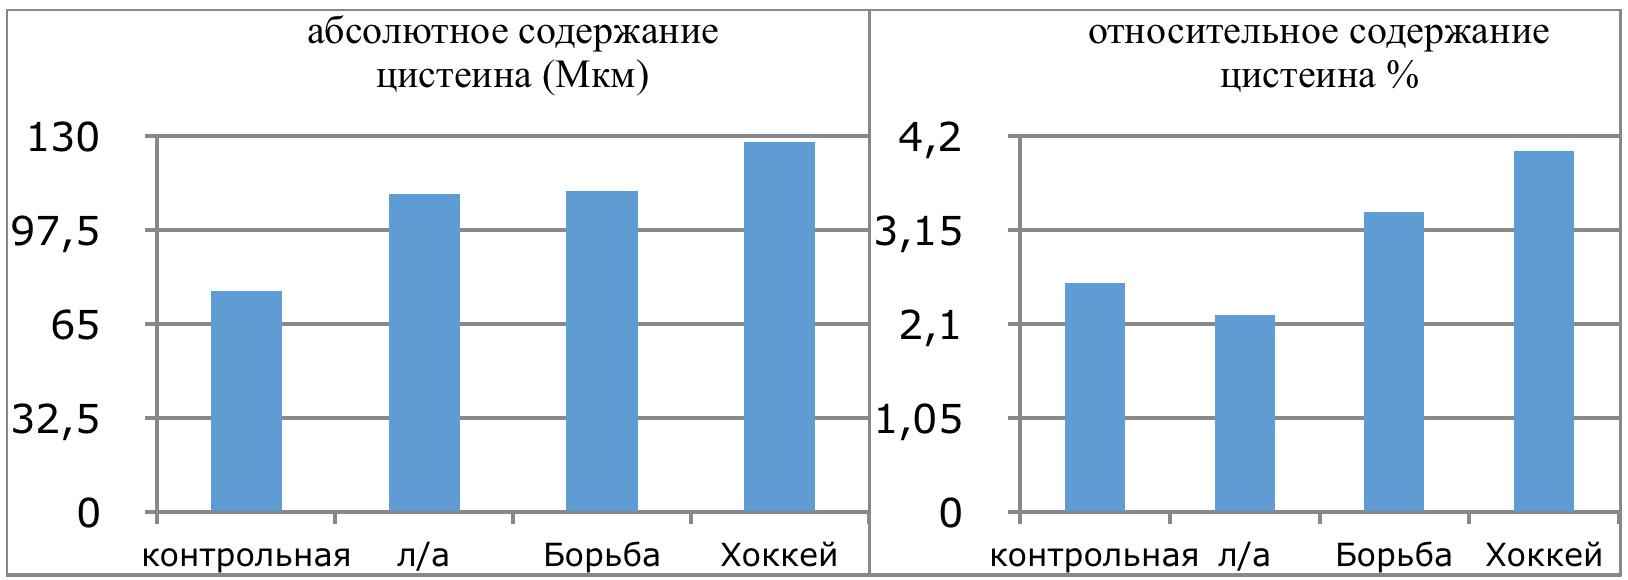 4.10 Графическое изображение количества цистеина в плазме крови спортсменов разных видов спорта и в зависимости от уровня квалификации